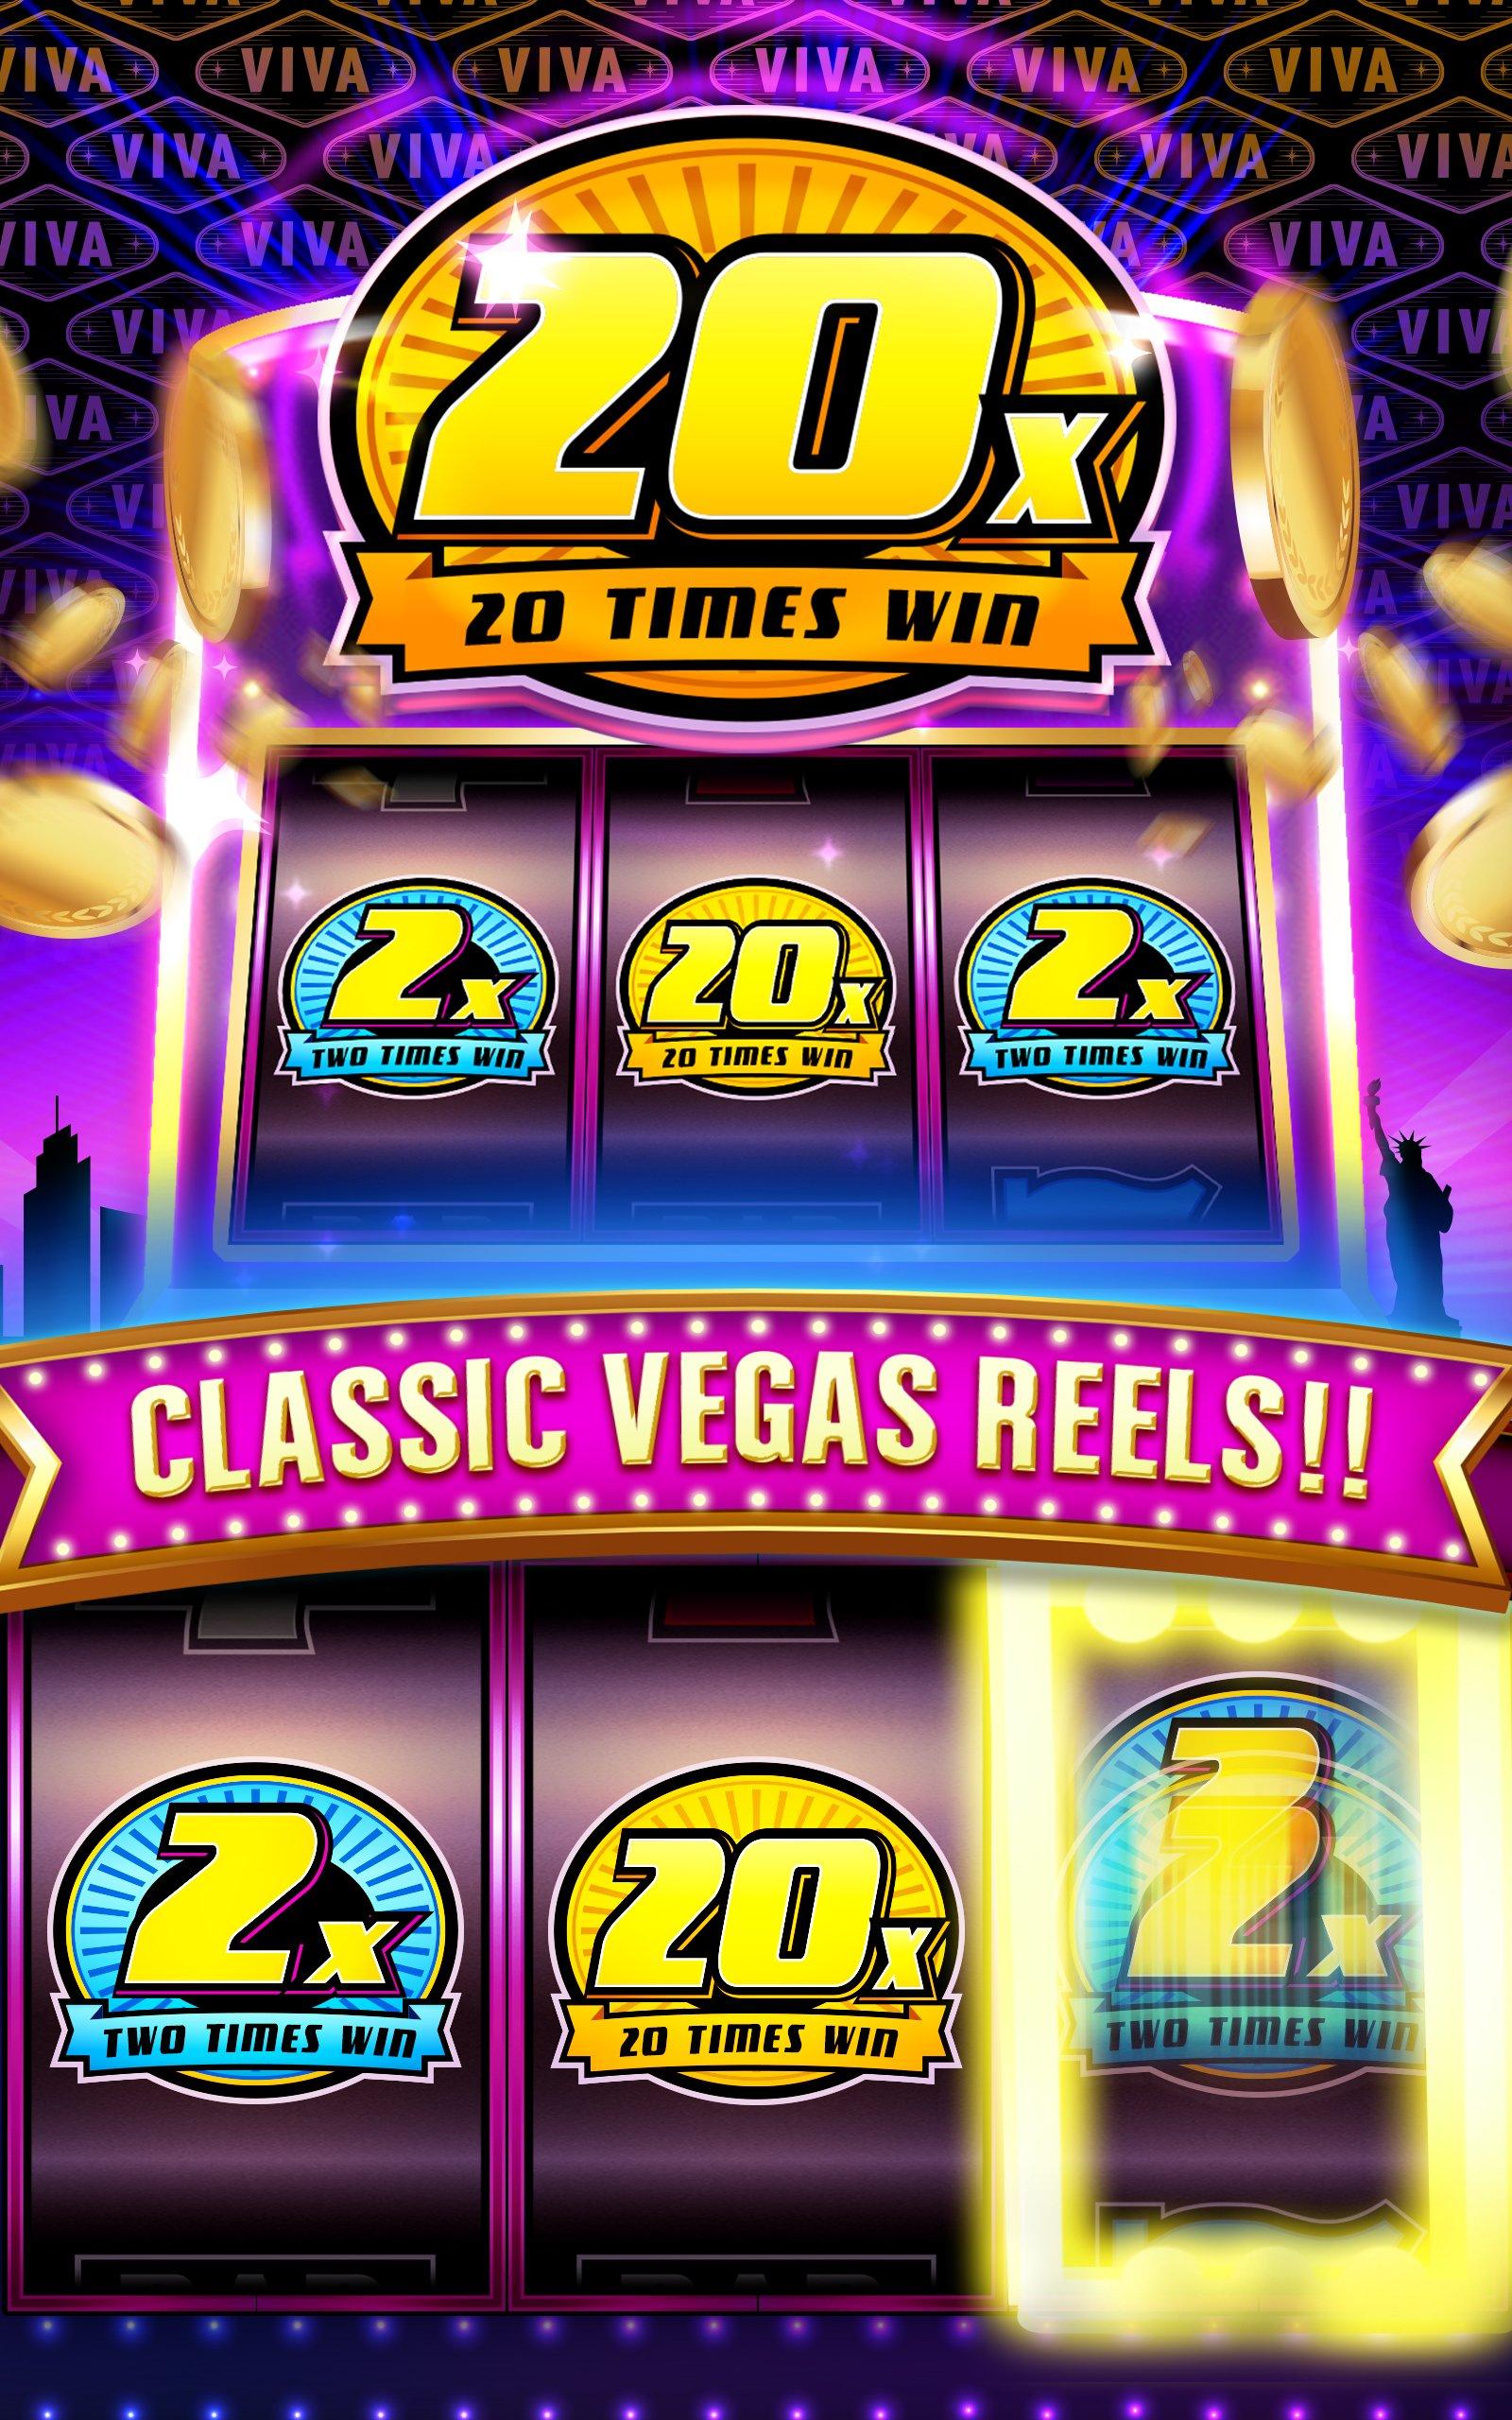 Real vegas slot machines online free